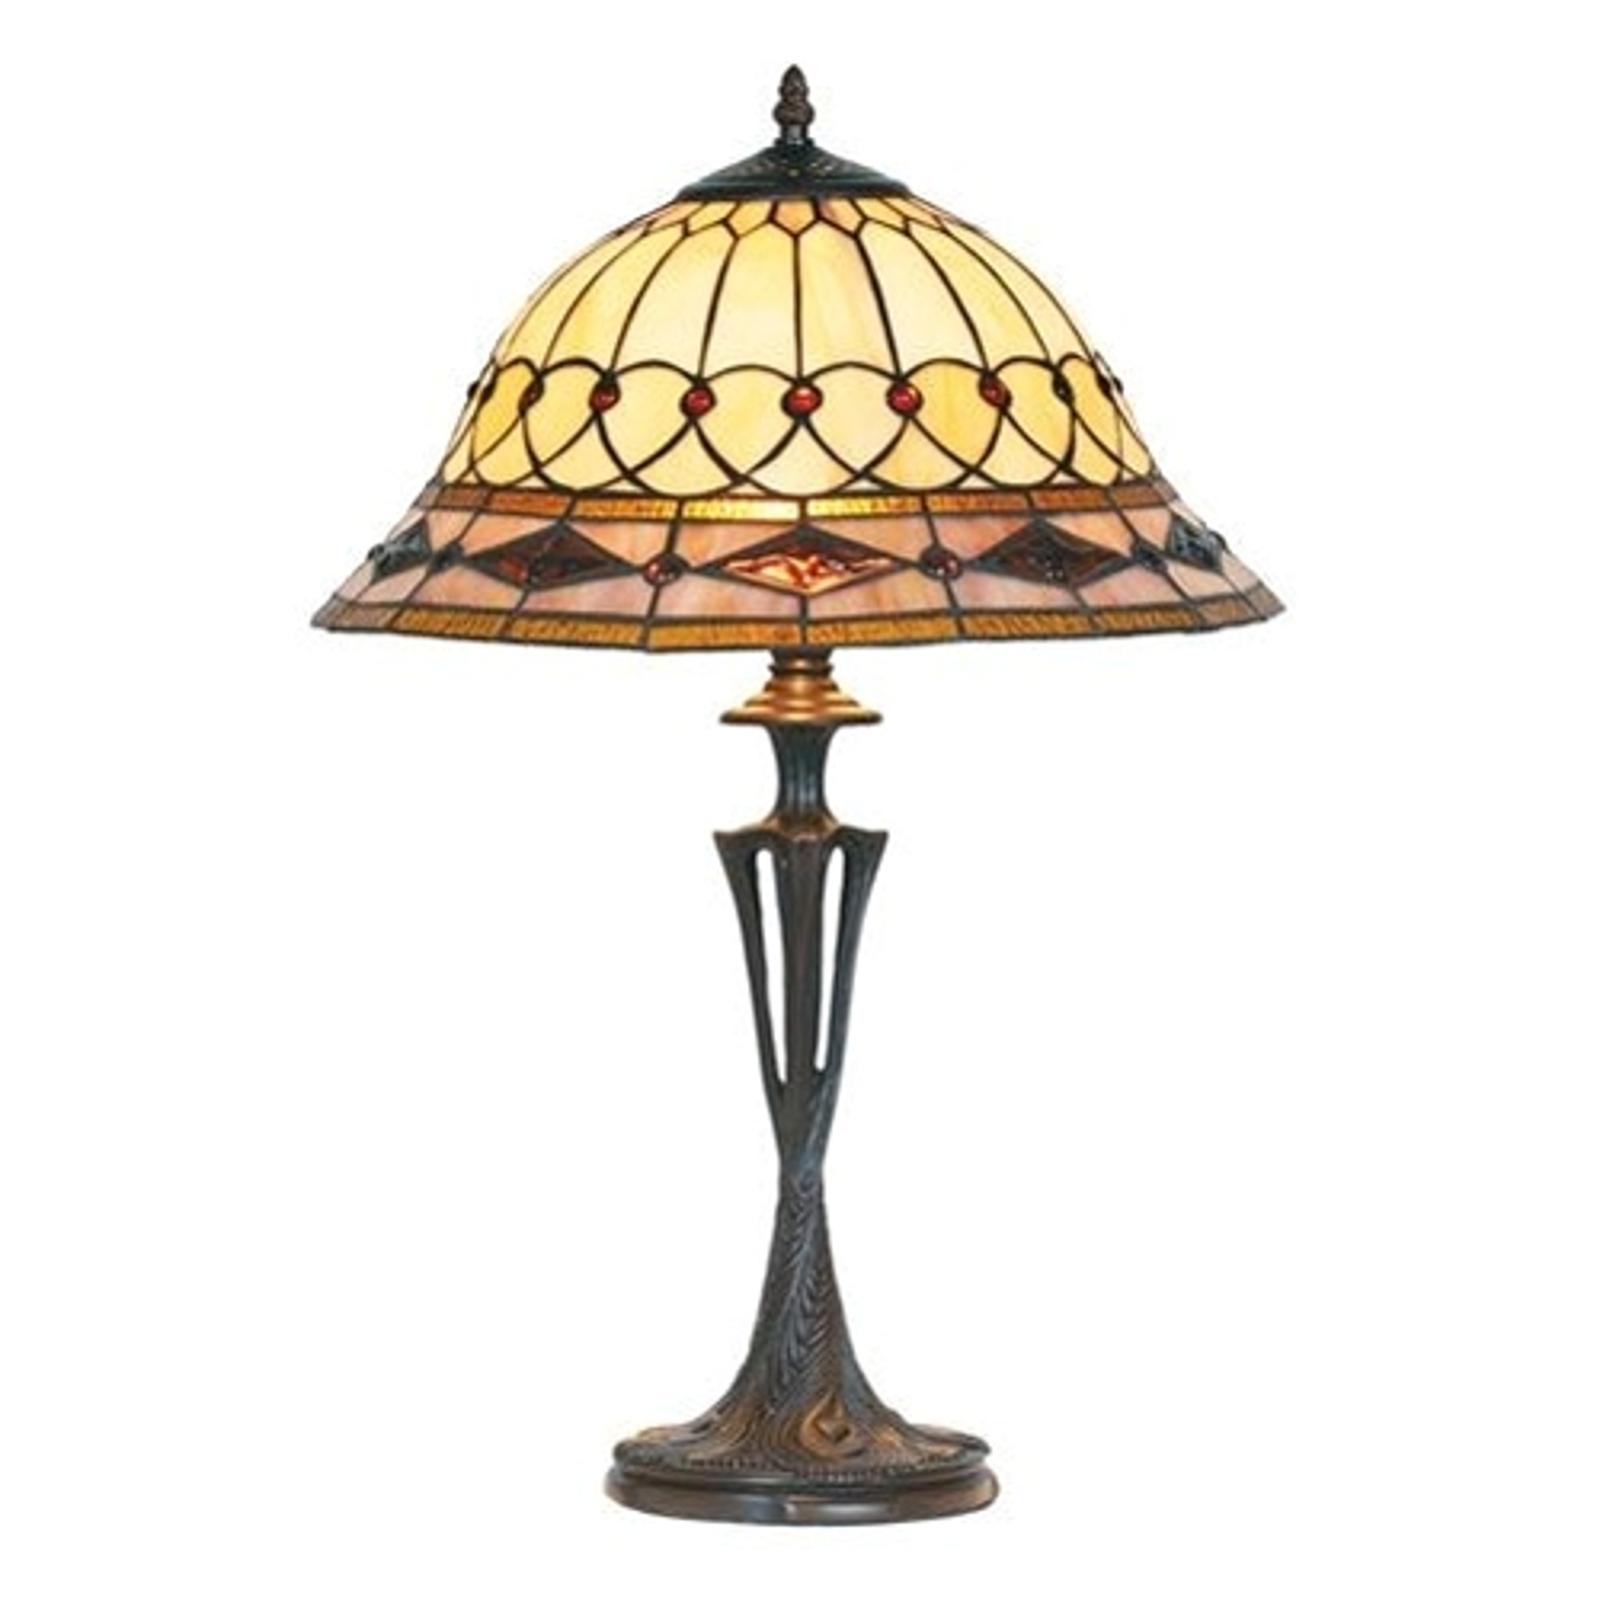 Tischleuchte Kassandra im Tiffany-Stil, Höhe 59 cm